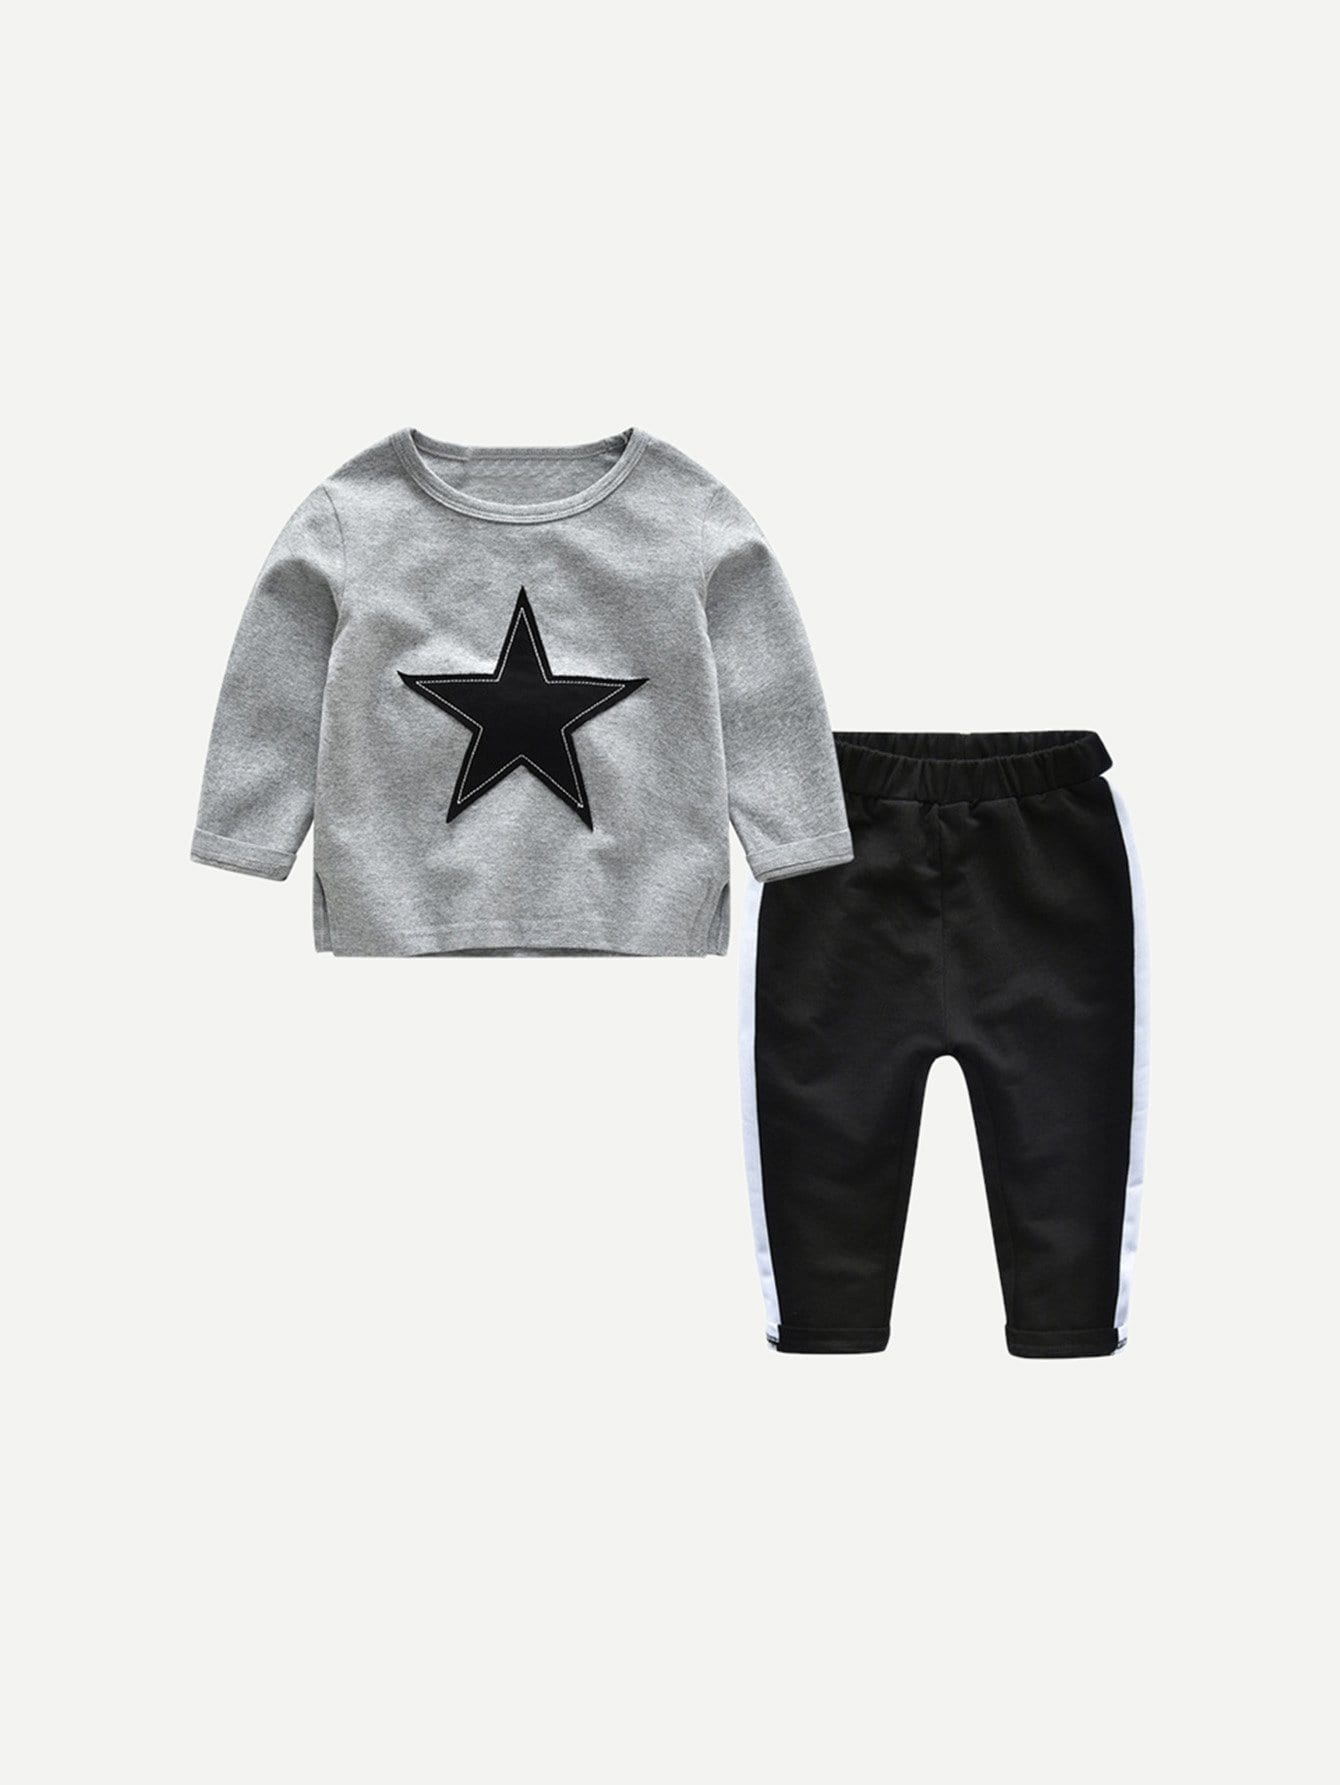 Аппликация Многоцветный Одежда для мальчиков из двух частей от SheIn